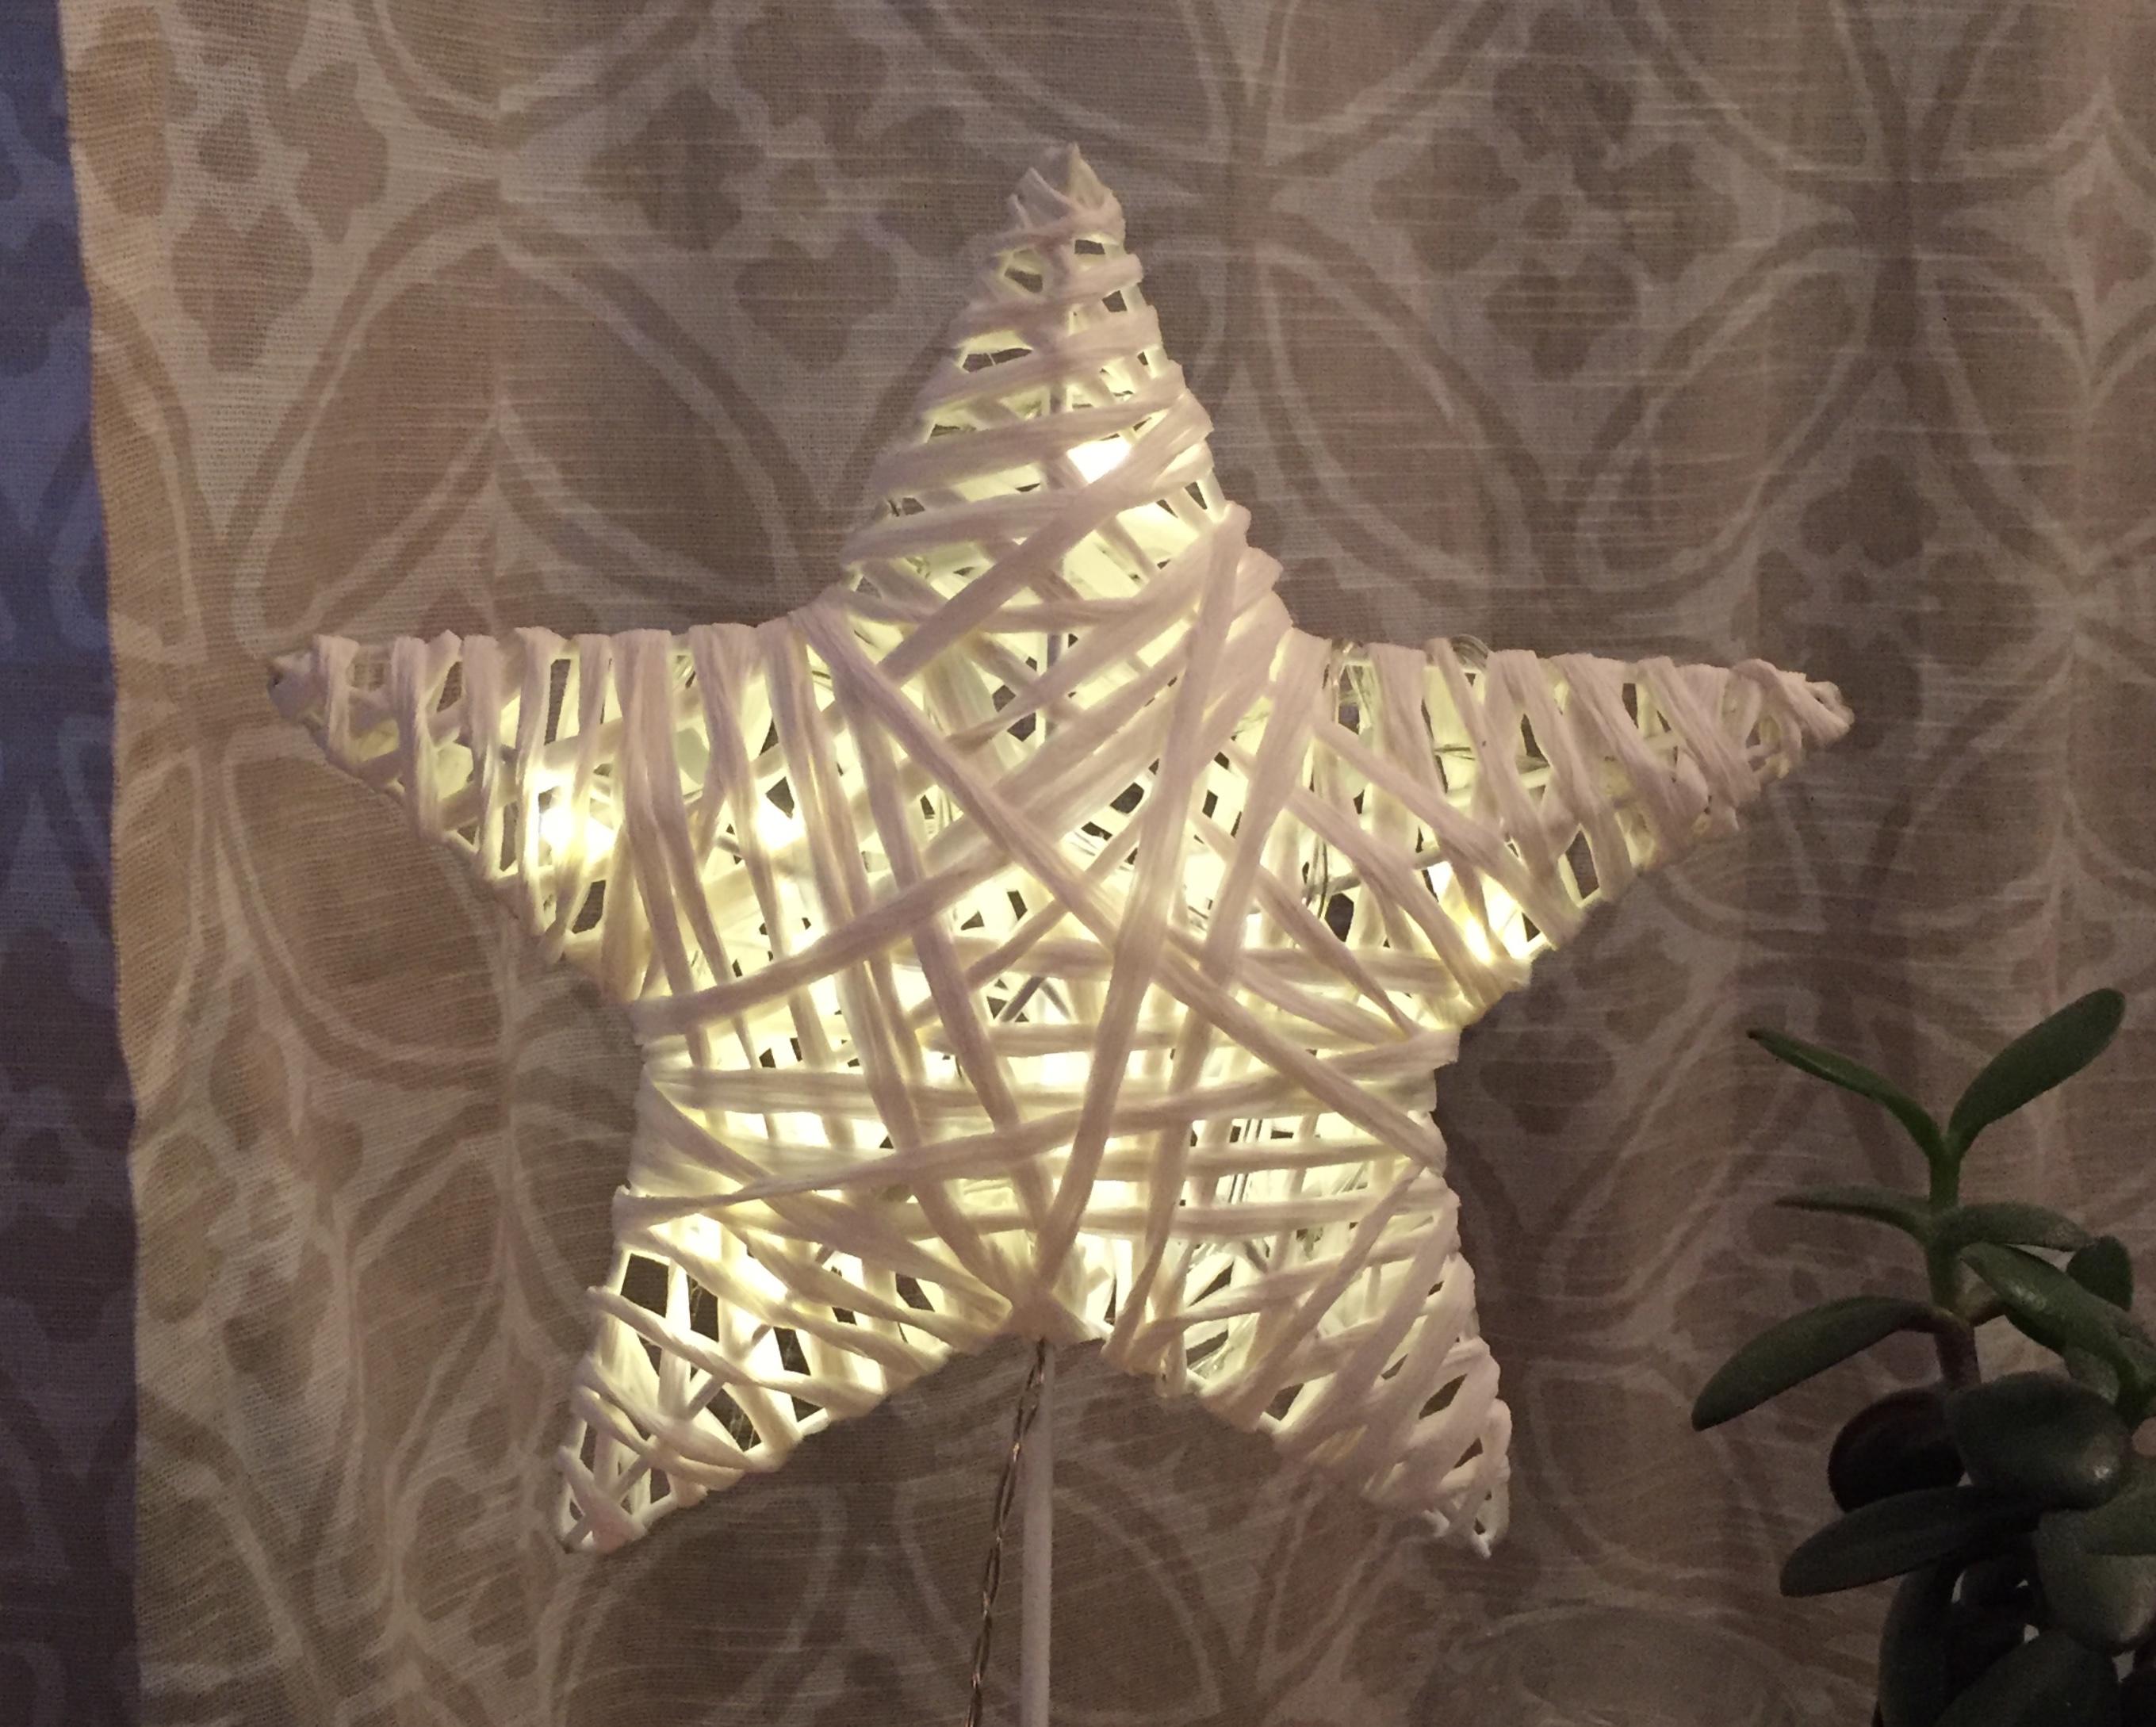 Joulun tähti on ehdoton